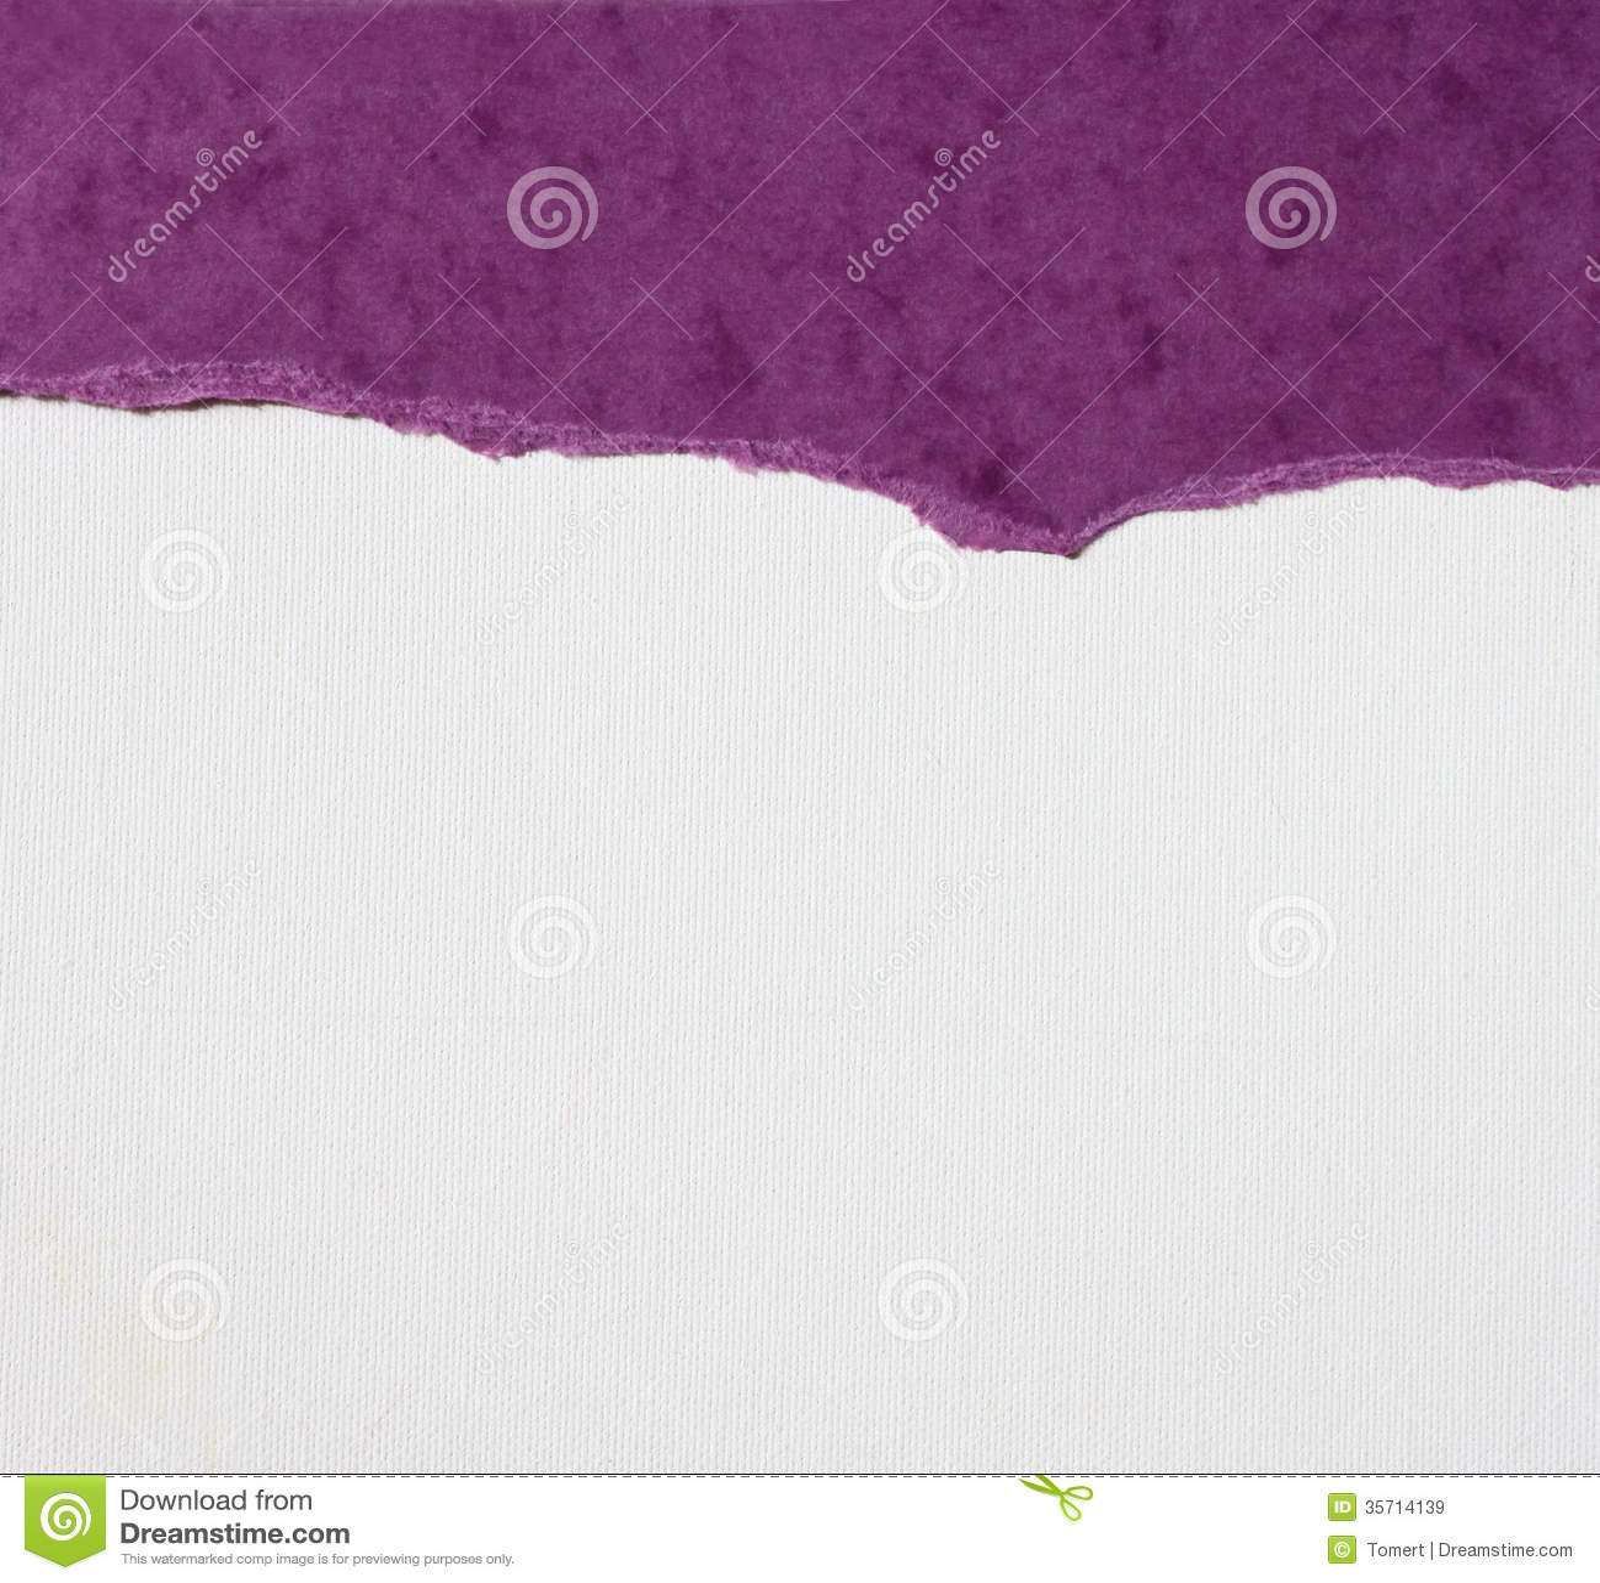 与精美条纹样式和紫色葡萄酒被撕毁的纸的老帆布纹理背景